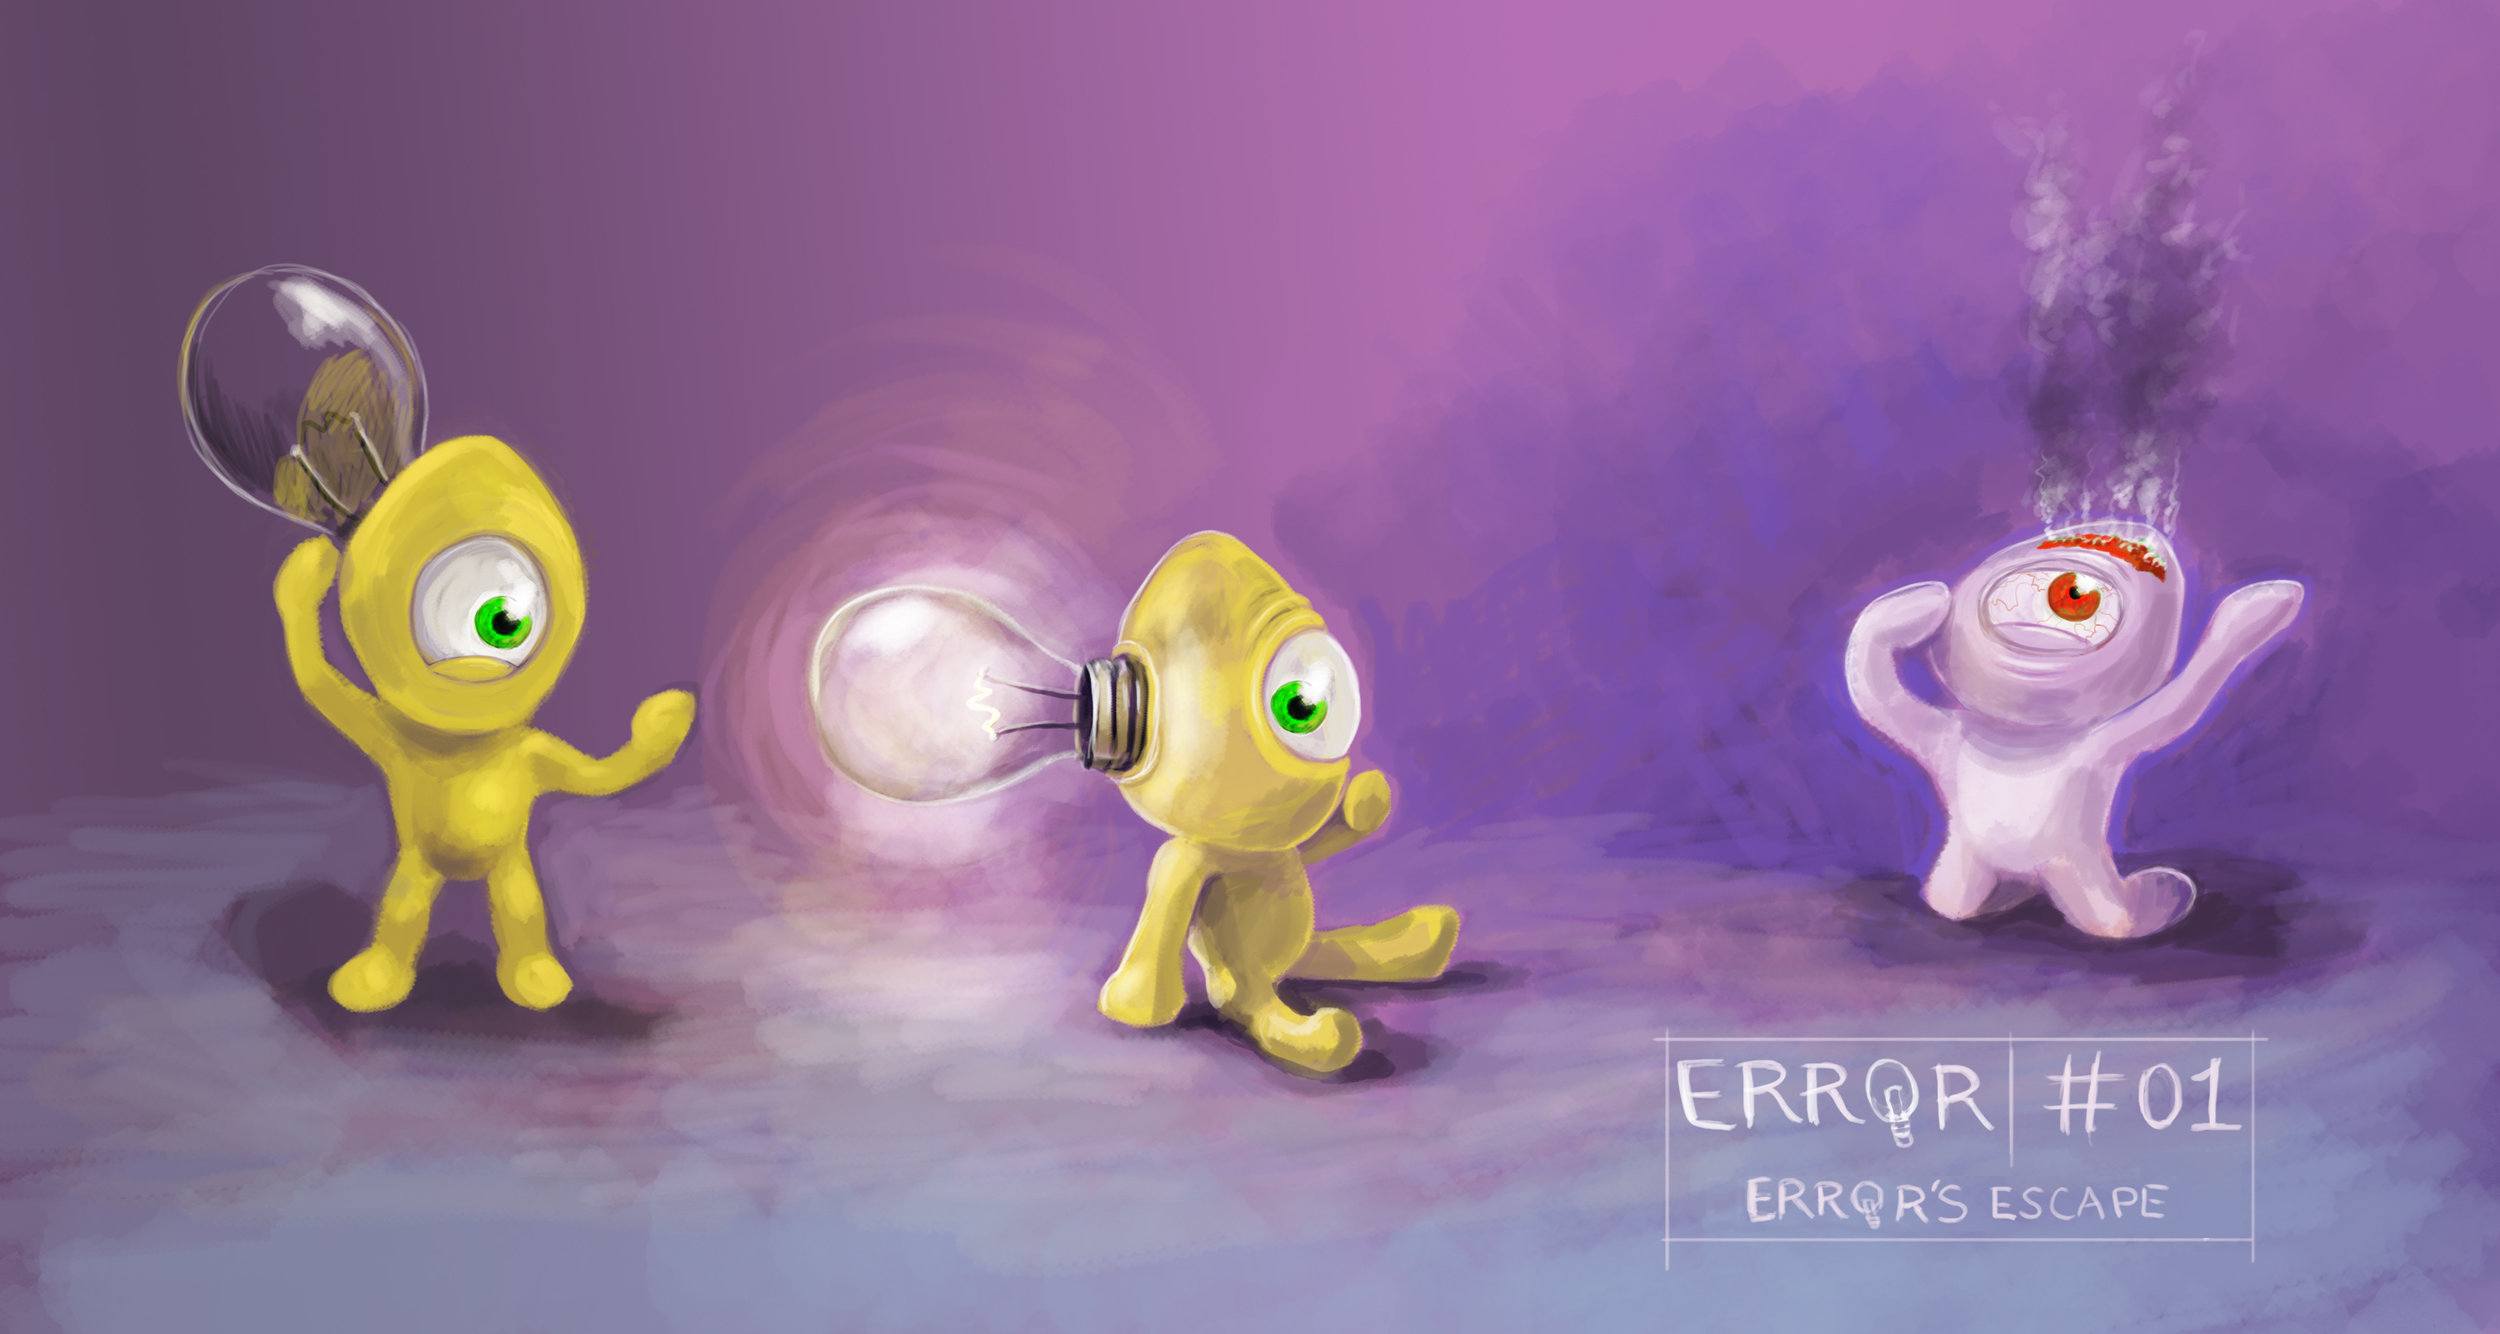 error_error's_escape.jpg